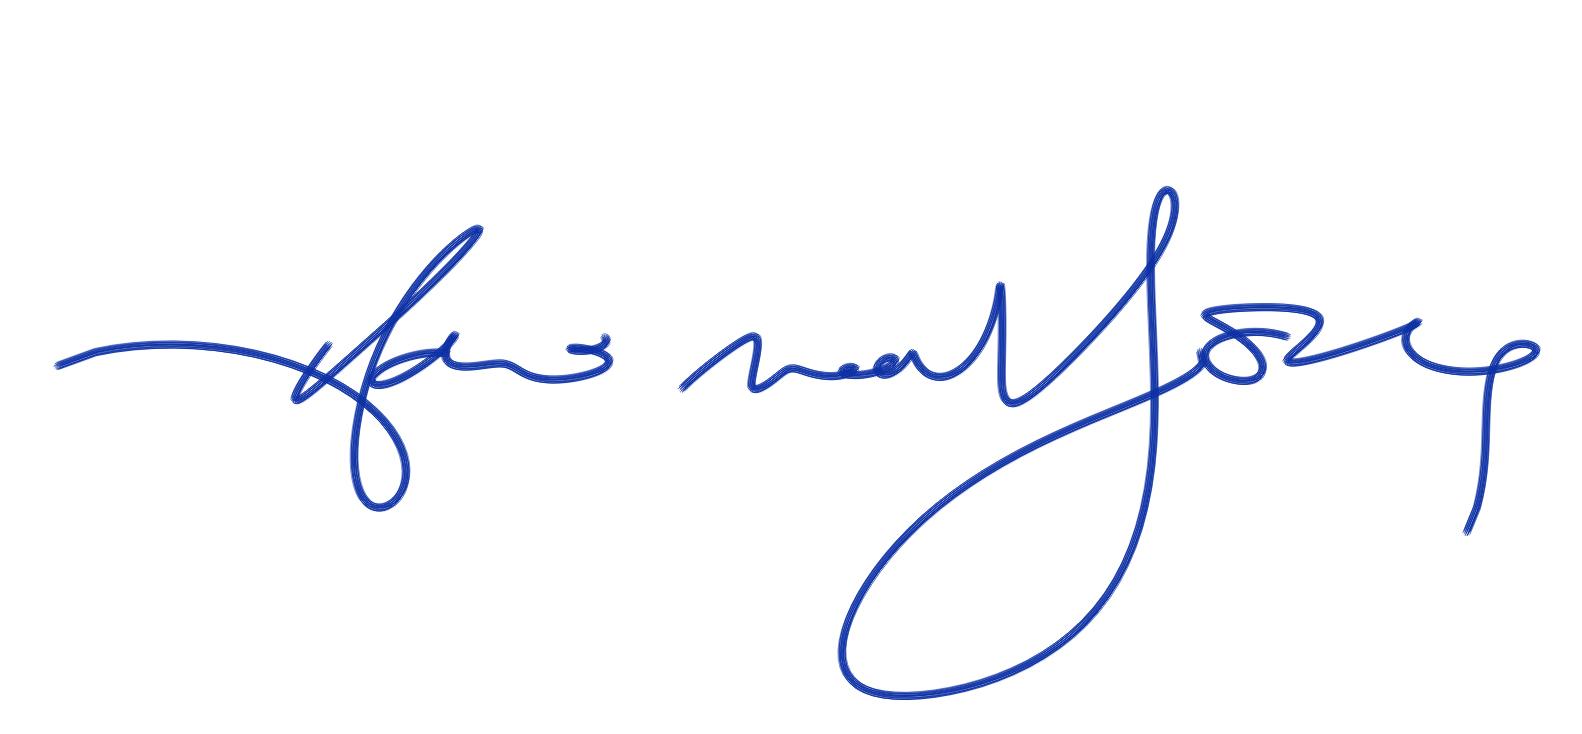 hani mahfouz's Signature